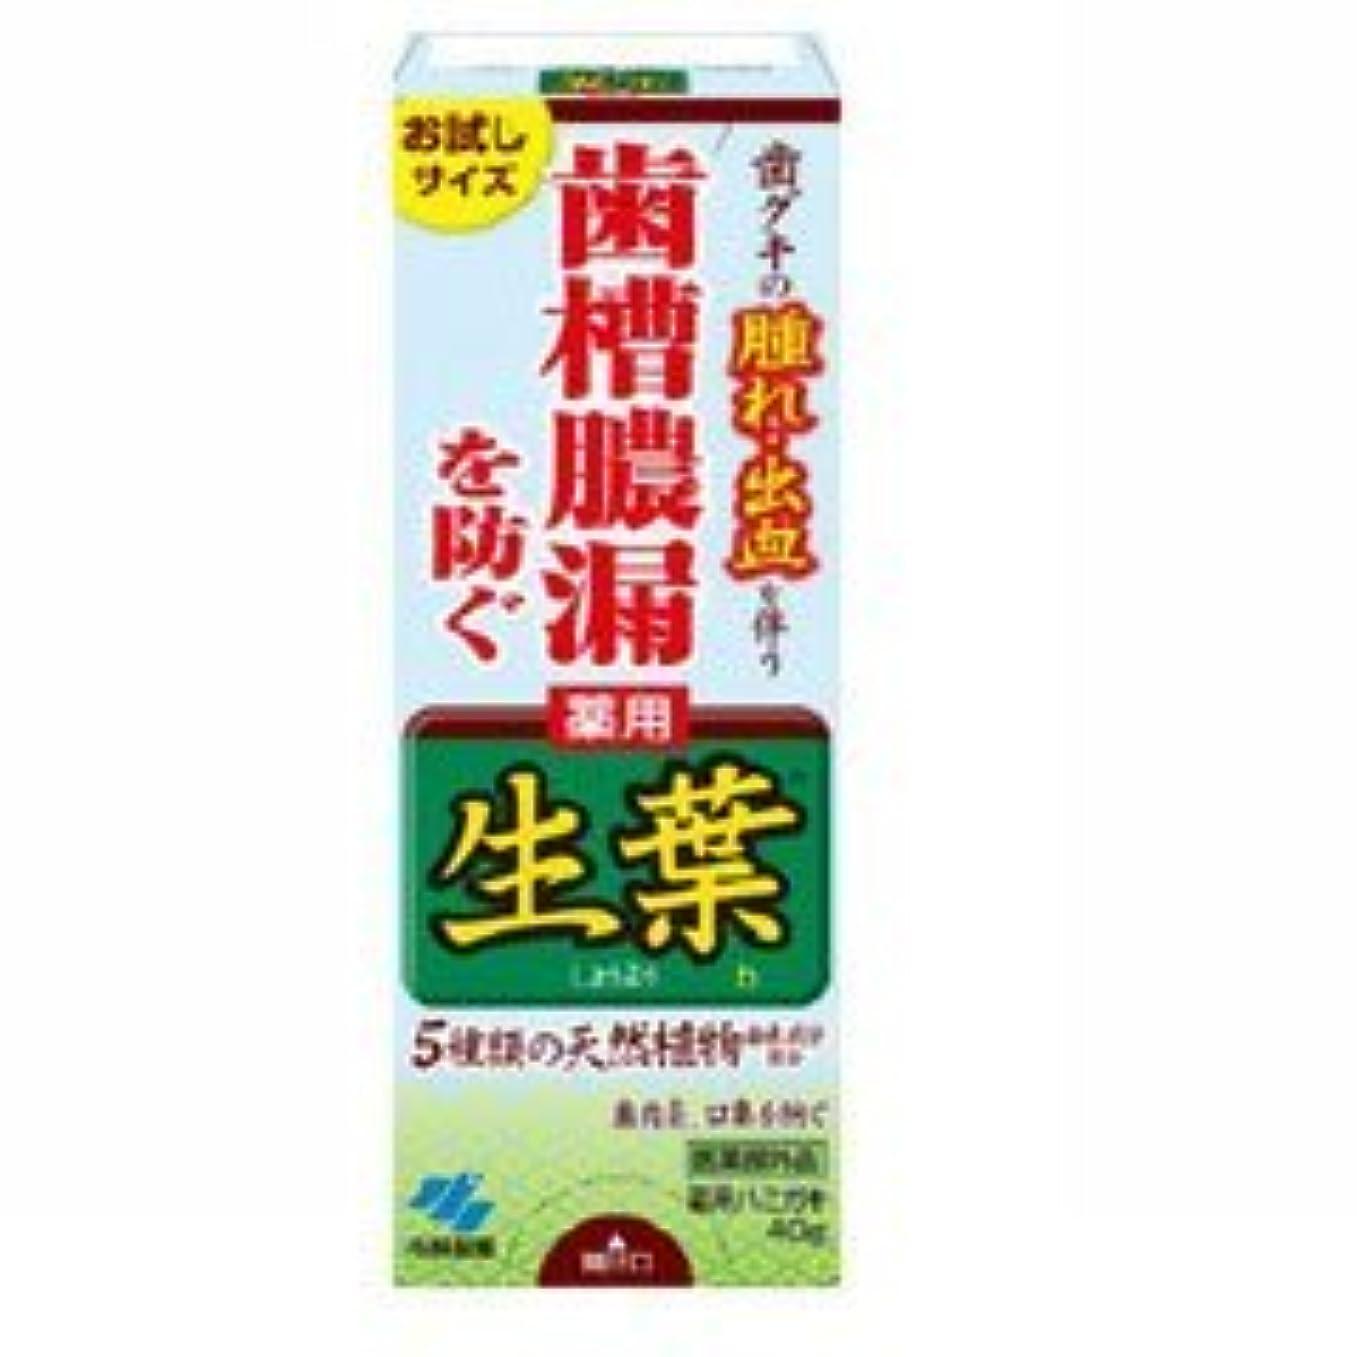 【小林製薬】生葉 お試しサイズ 40g